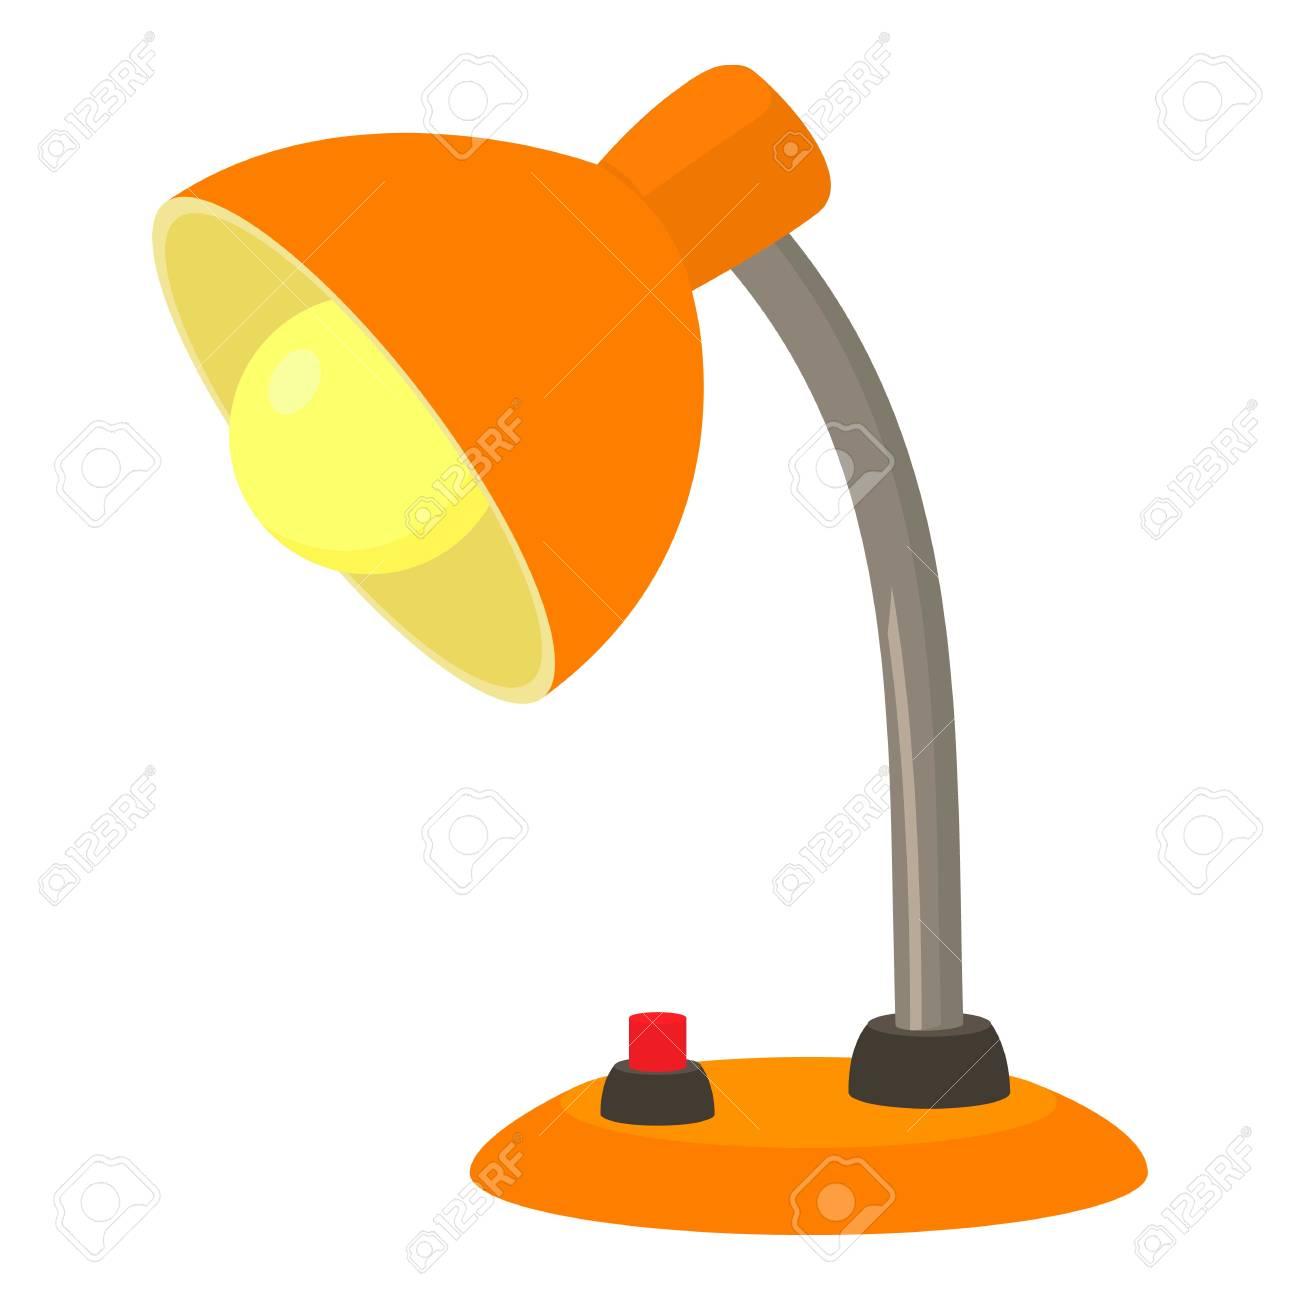 icono web de escritorio de Icono de vector naranja lámpara de de para de lámpara dibujos de escritorio naranjaIlustración animados la wkOP0n